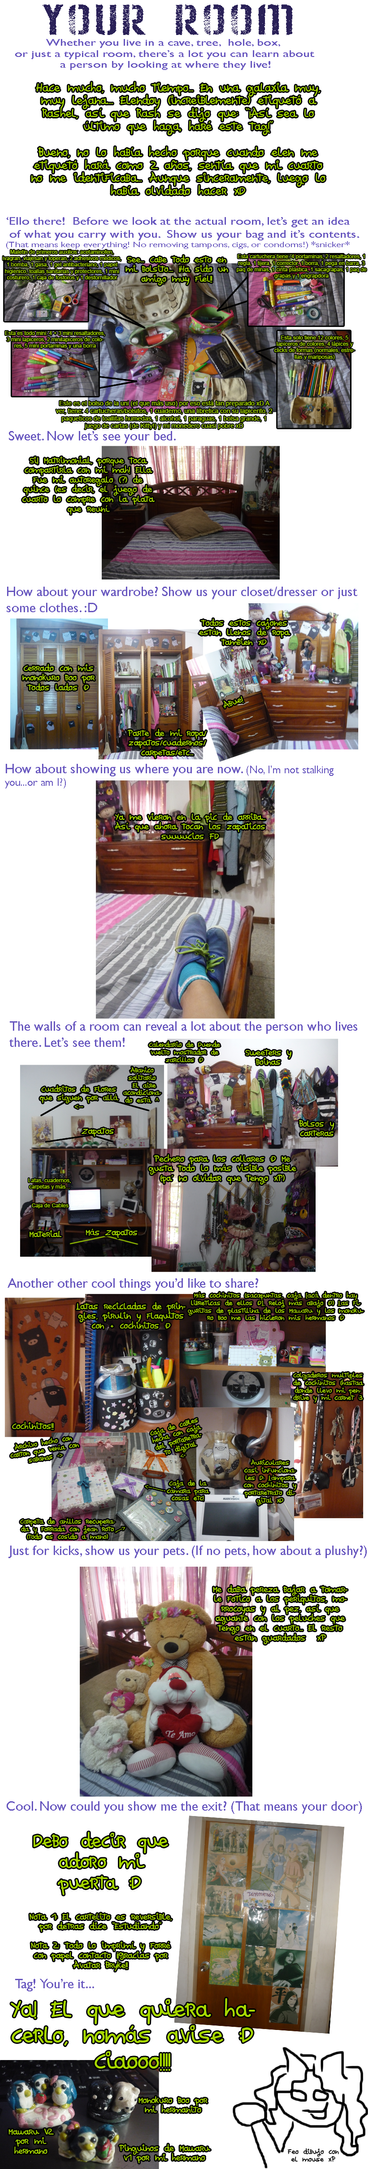 Room Meme by rashel-shiru